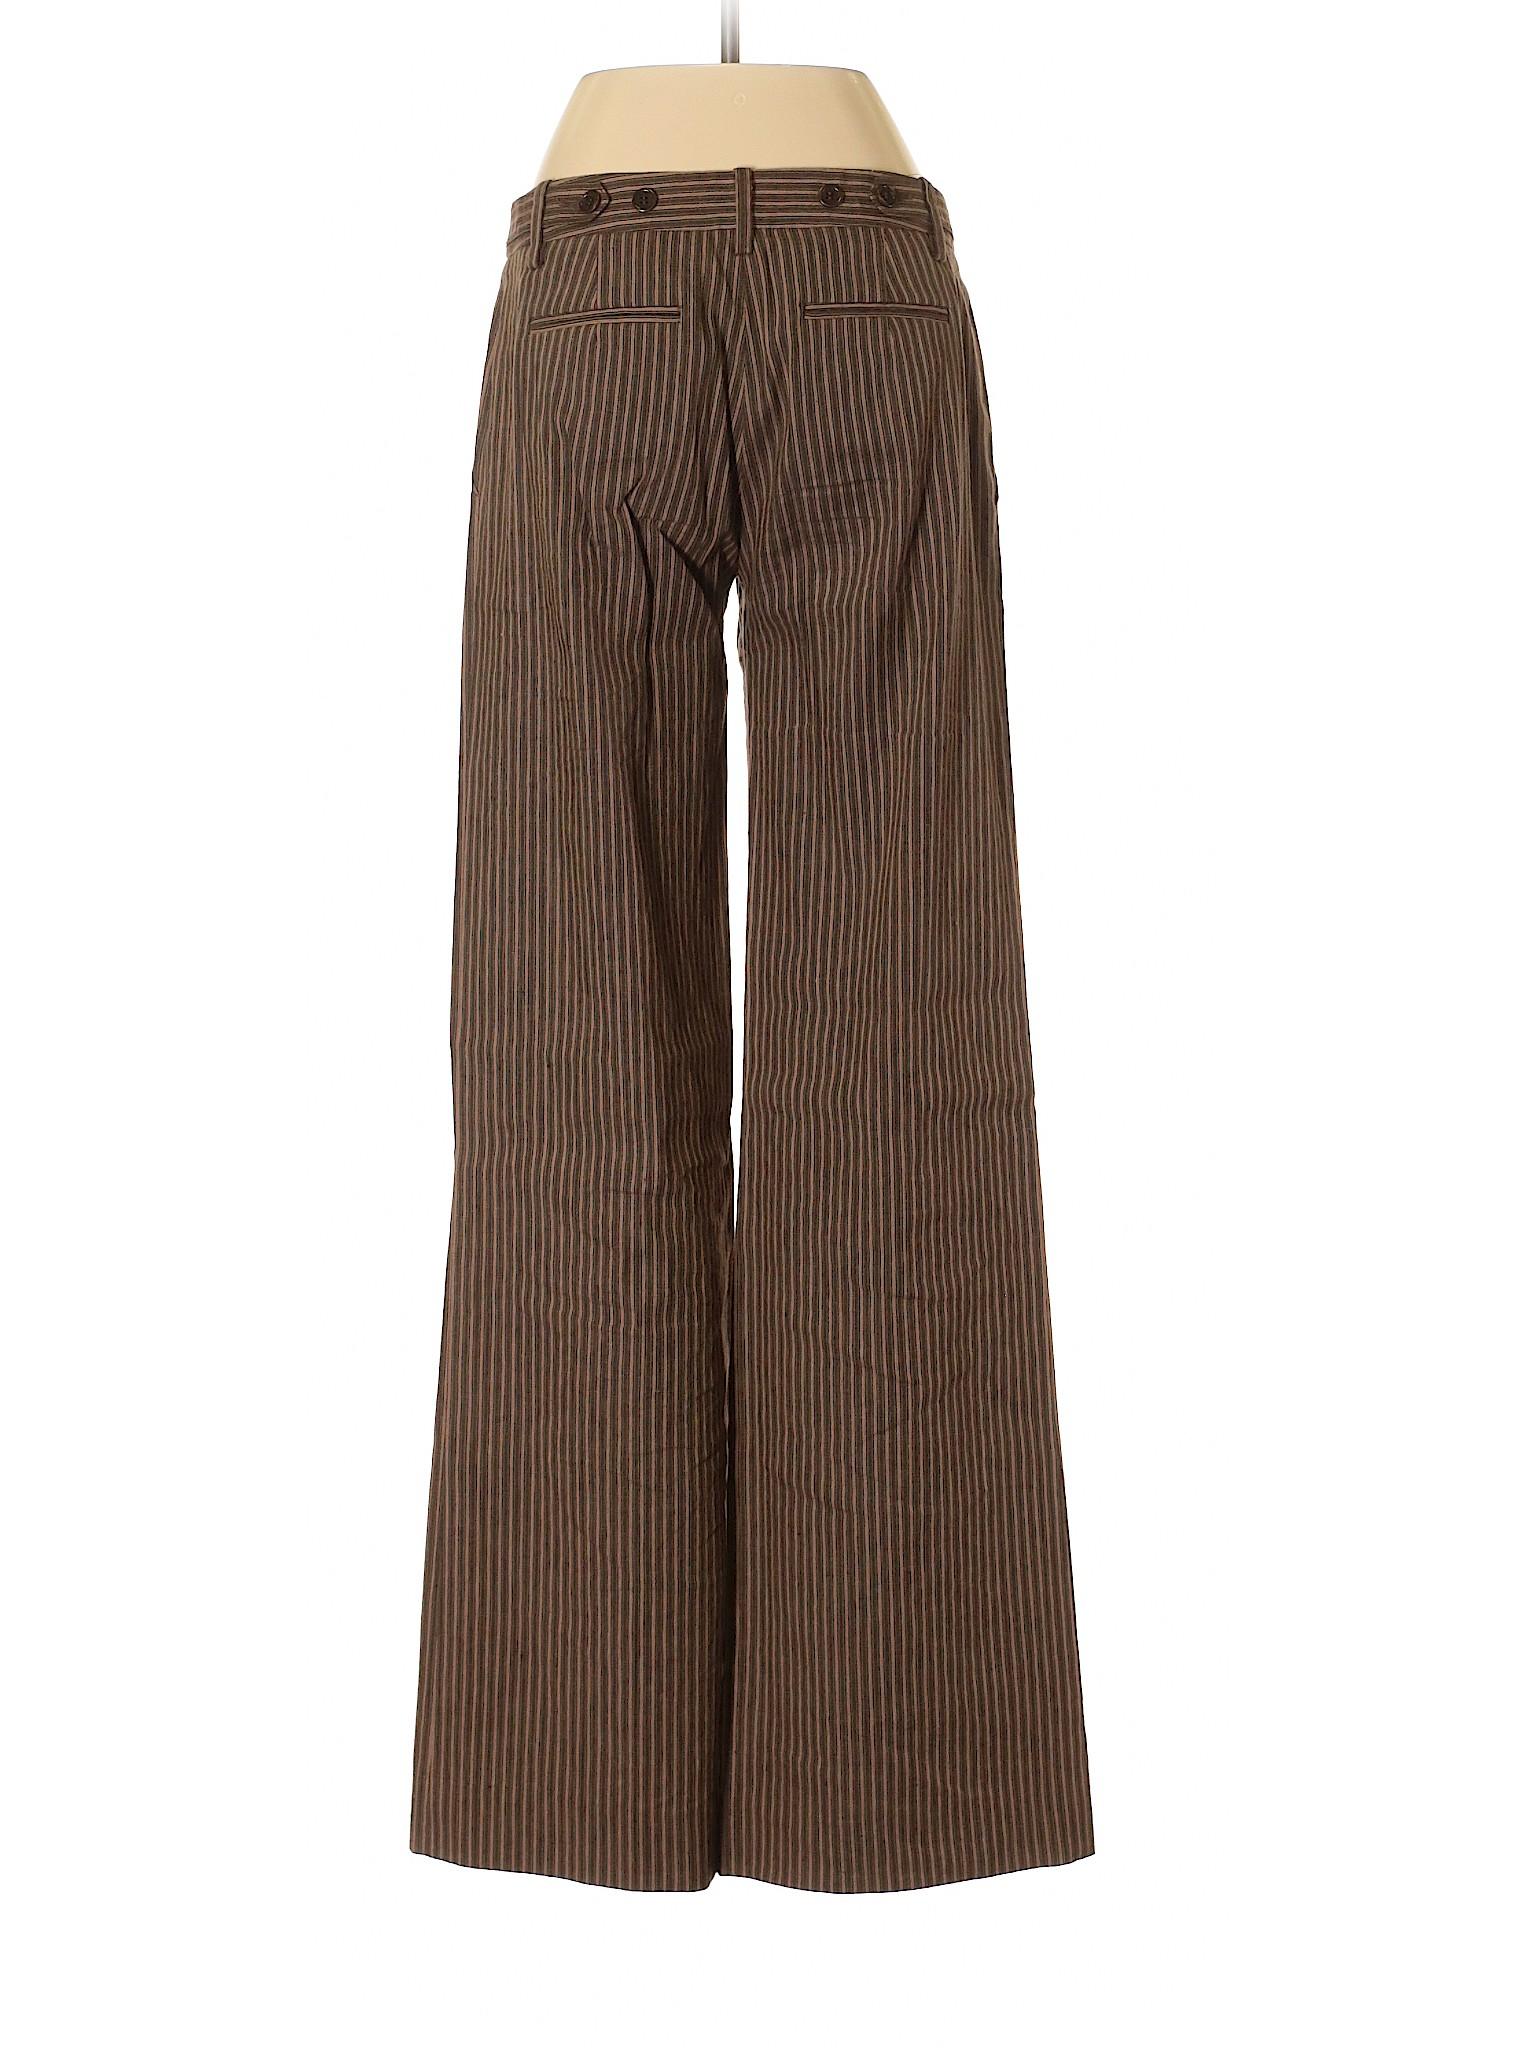 Boutique Pants Boutique winter winter Dress BCBGMAXAZRIA 7dg7qw